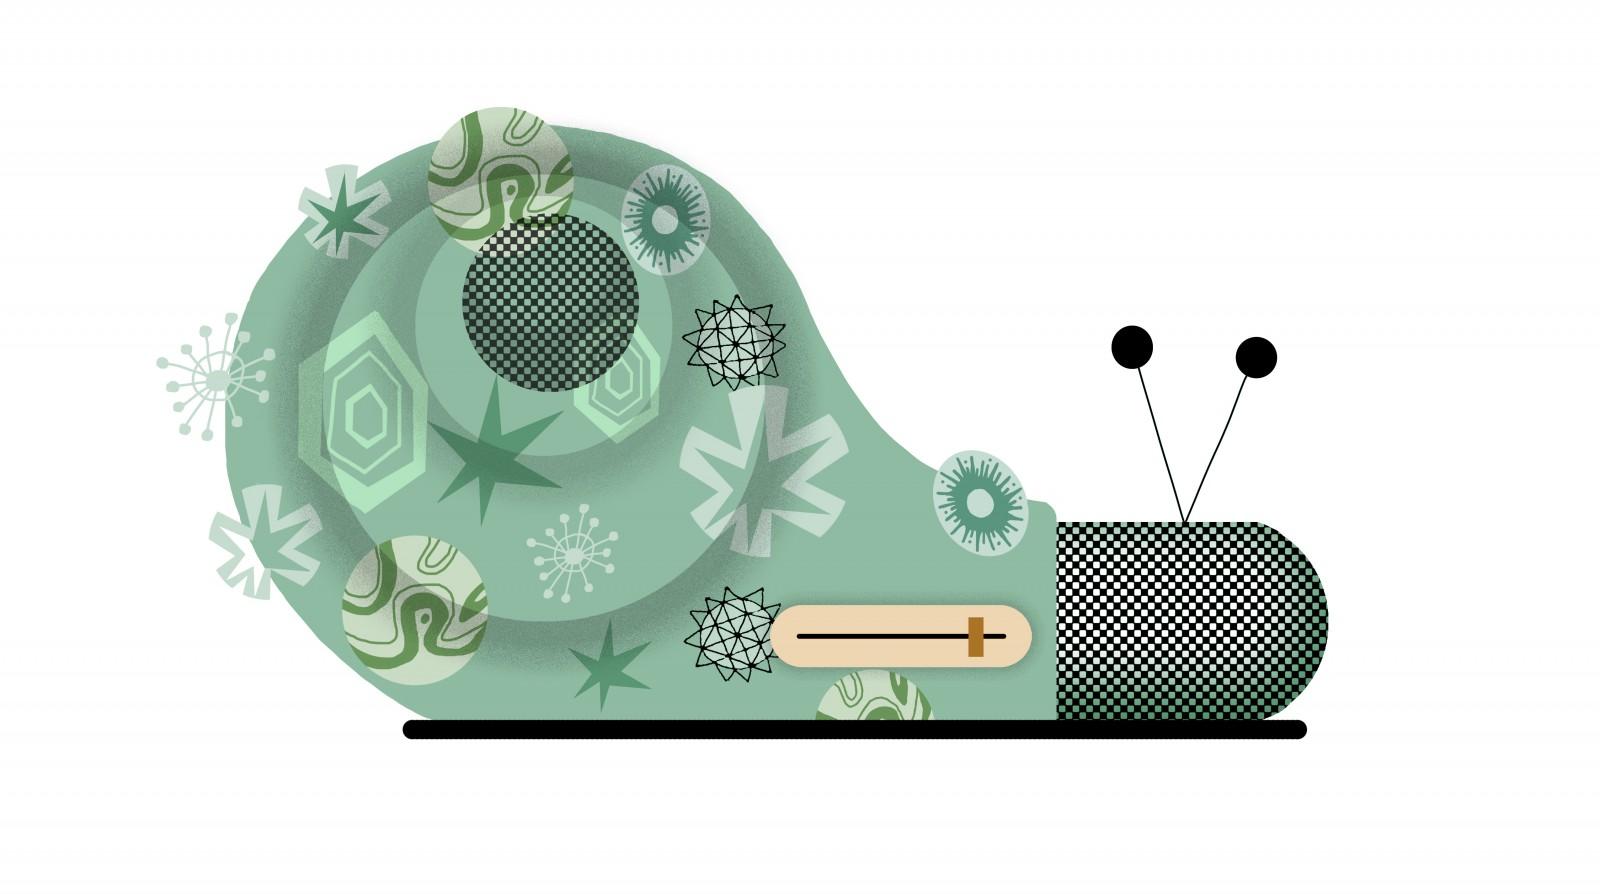 snailradio